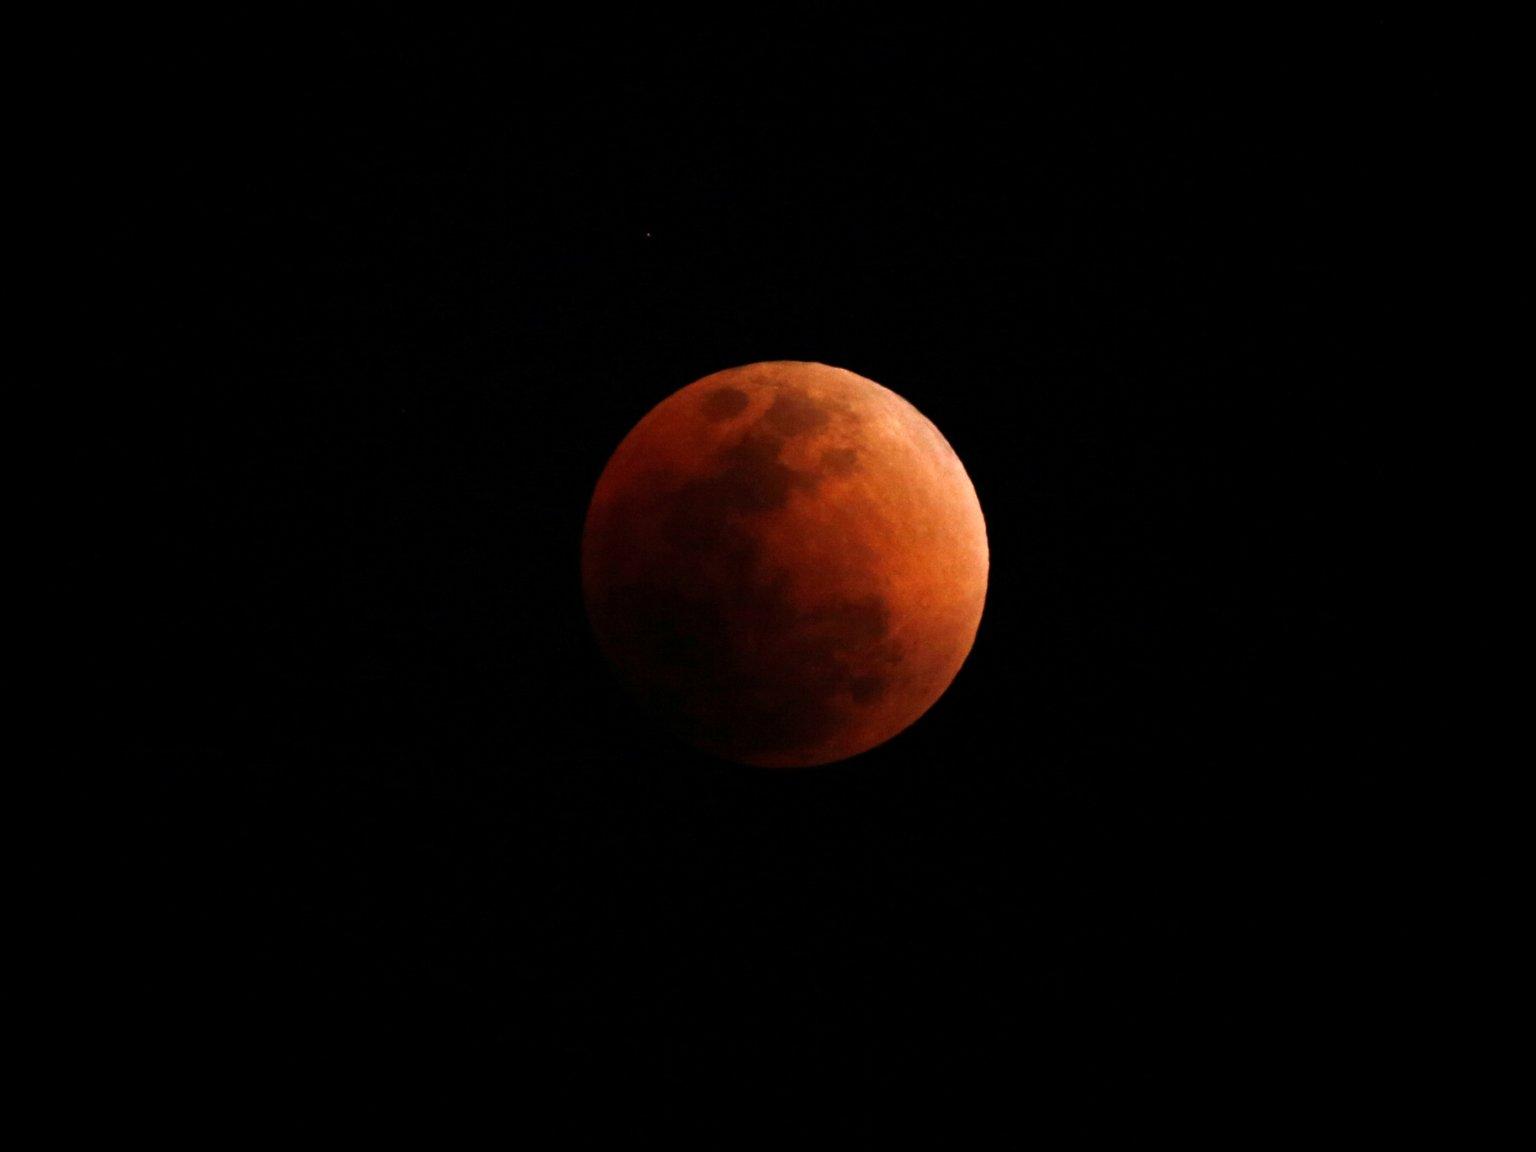 چگونه با گوشی موبایل از ماه گرفتگی عکس بگیریم؟